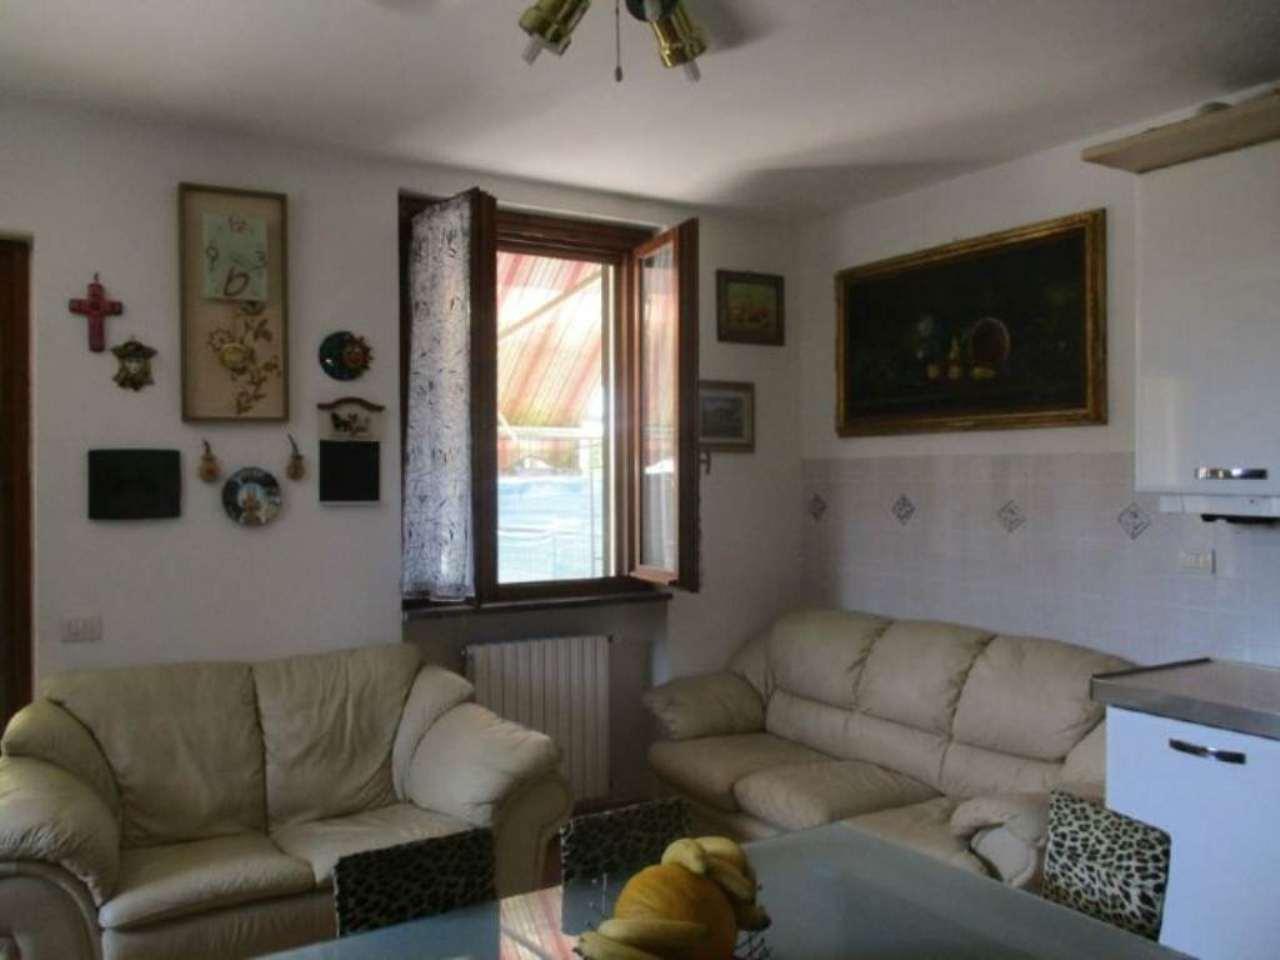 Appartamento in vendita a Casale Cremasco-Vidolasco, 3 locali, prezzo € 105.000 | CambioCasa.it